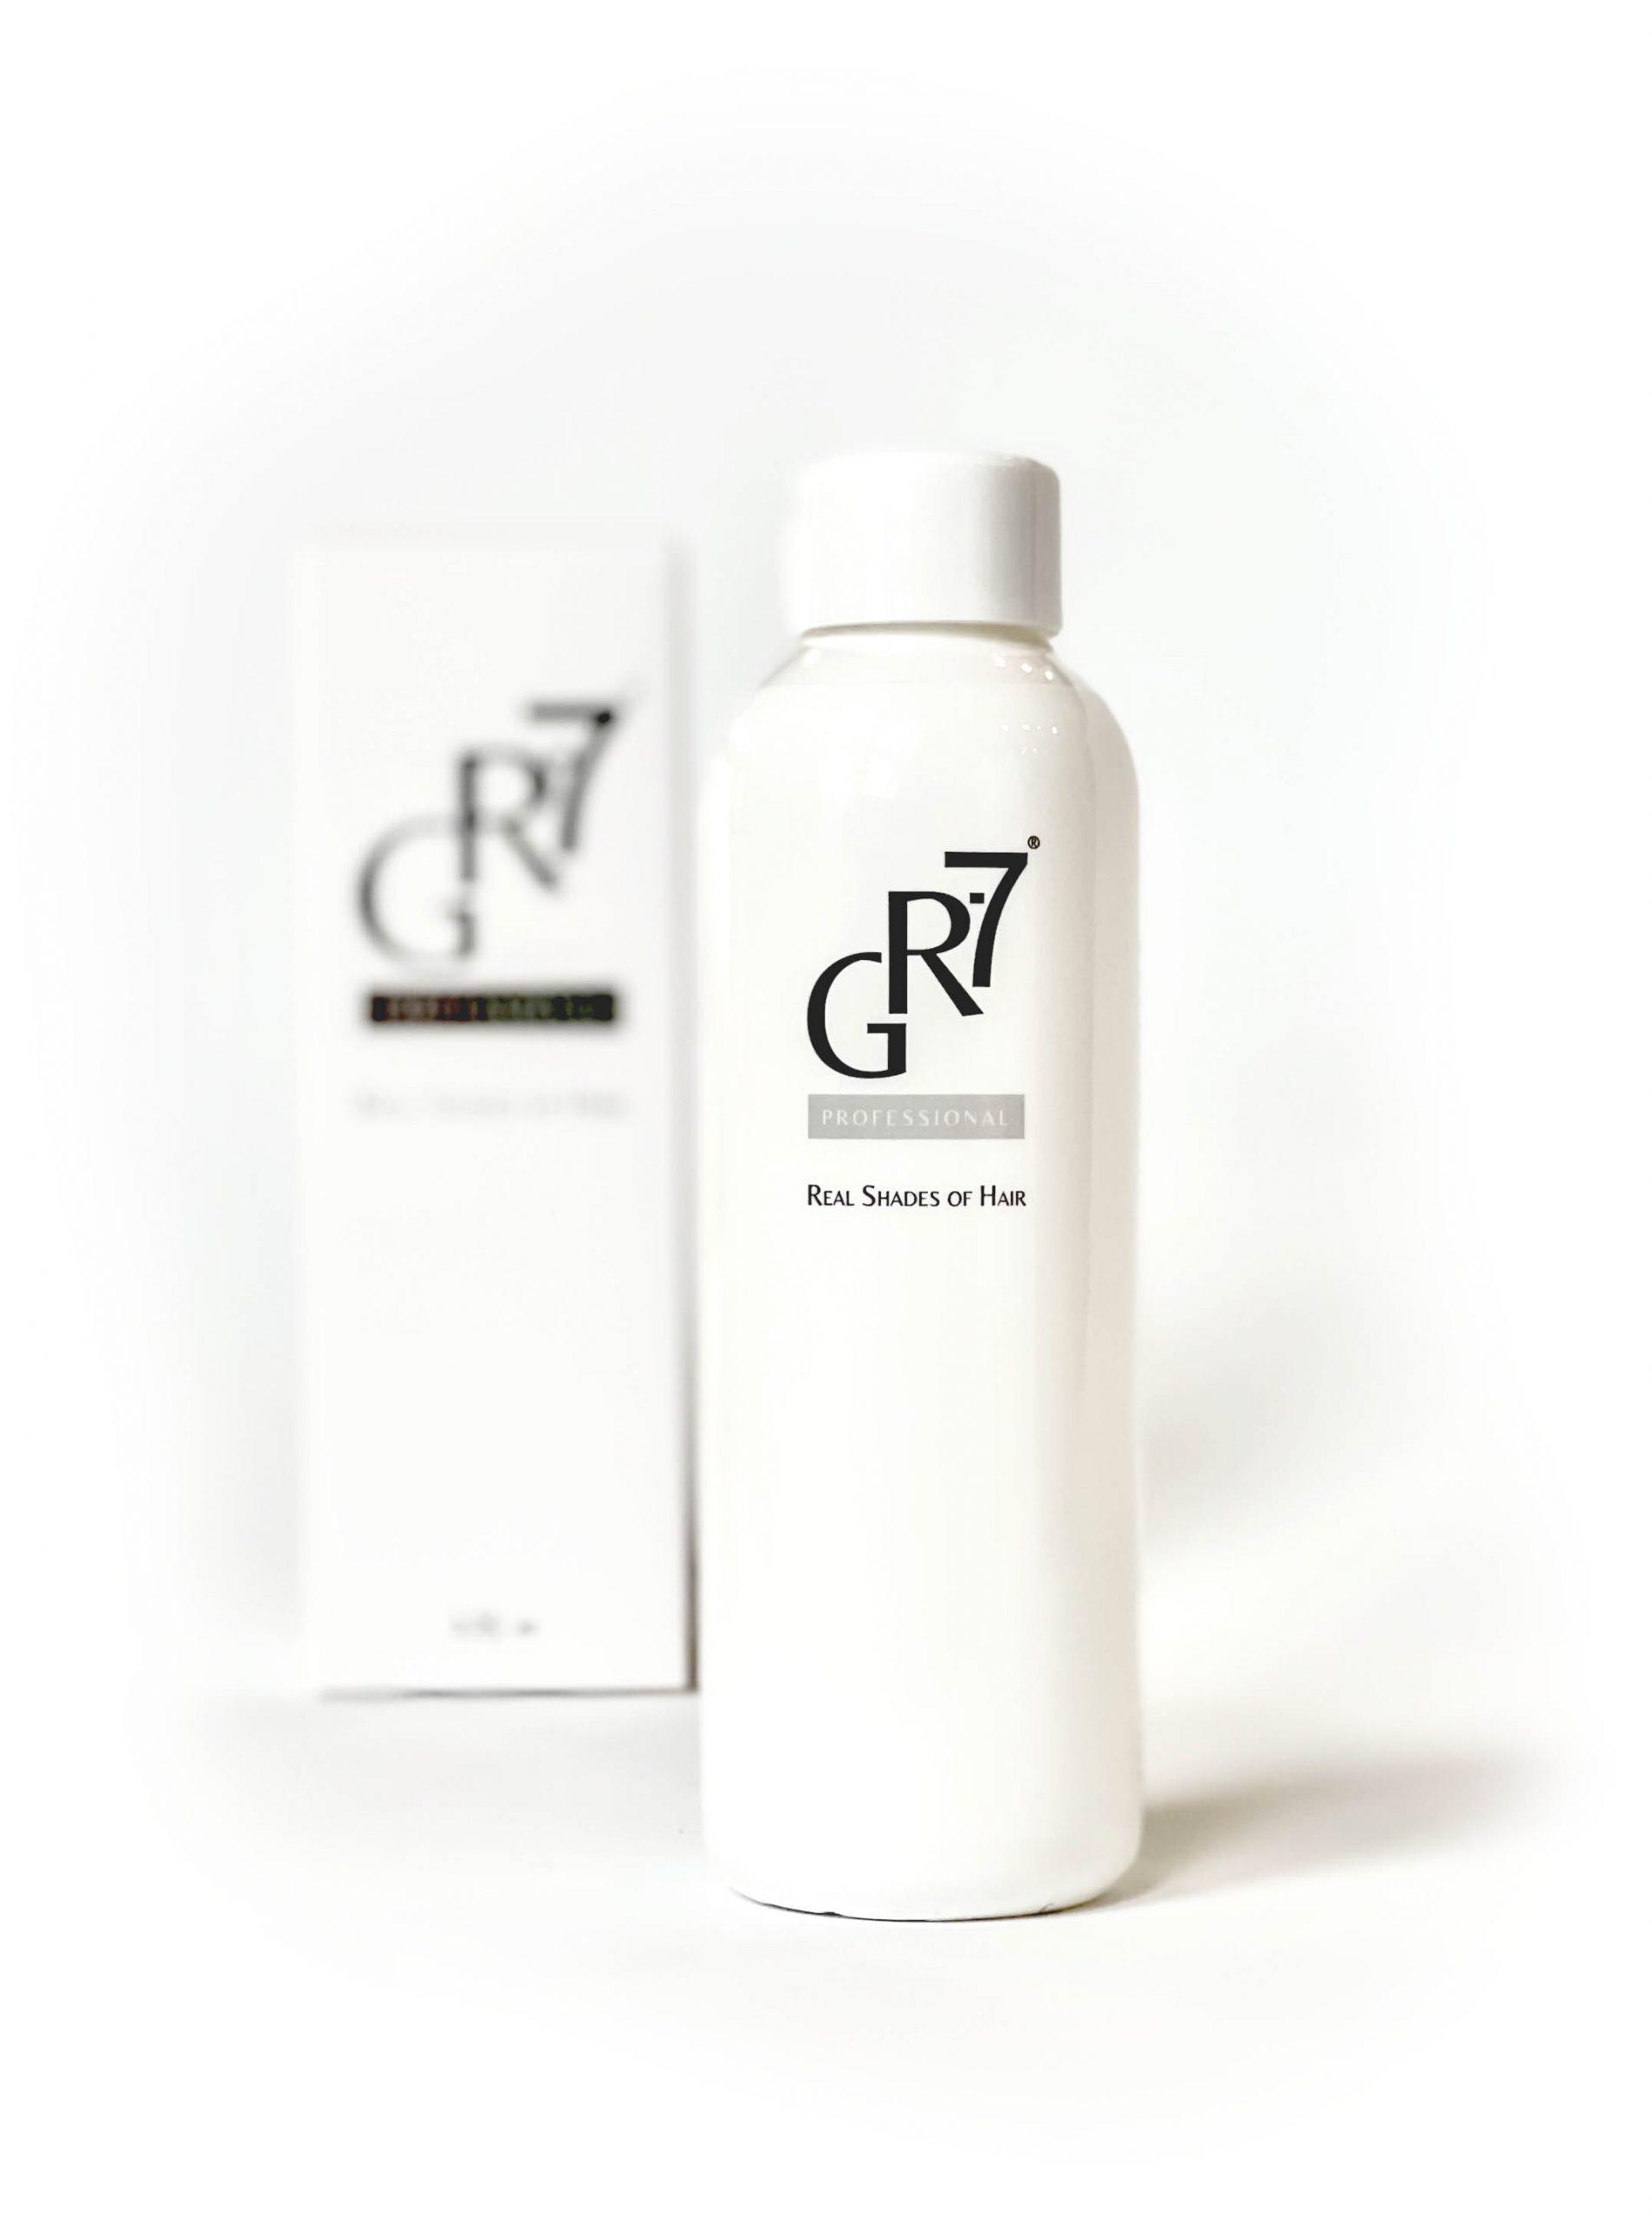 gr-7 uk no more grey hair 1